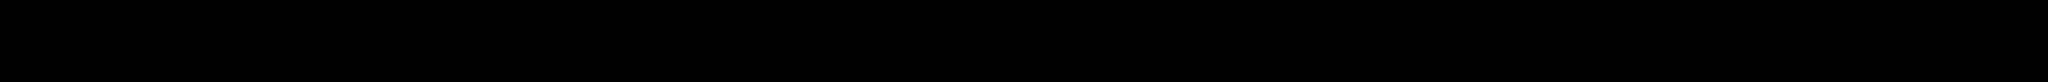 JP GROUP 06A103221BQ, 06A103221C, 06A103221BQ, 06A103221C, 06A103221BQ Flessibile, Ventilazione monoblocco